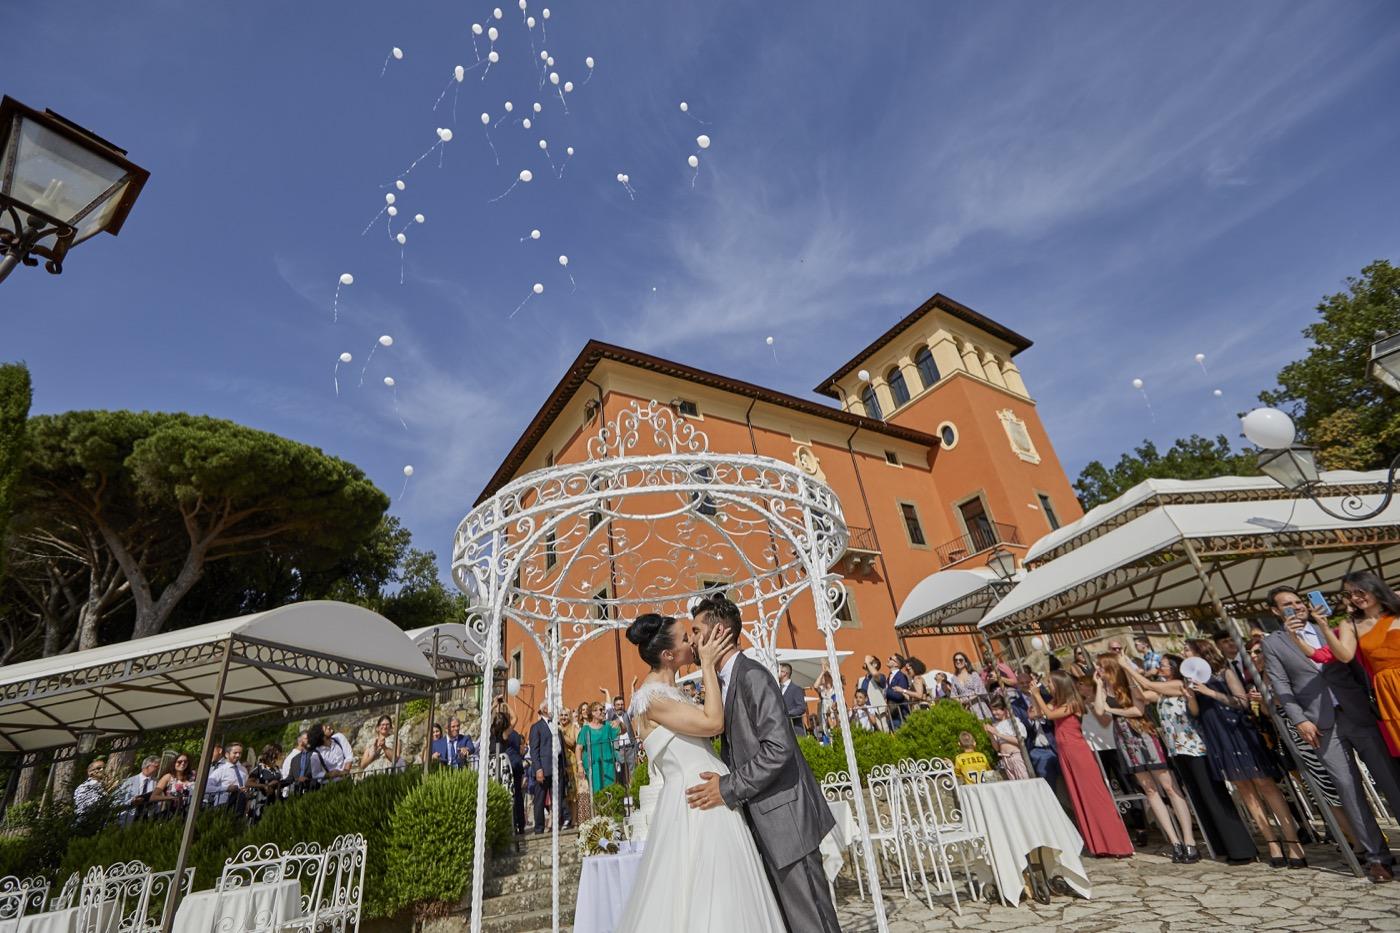 Claudio-Coppola-wedding-photographer-villa-del-cardinale-rocca-di-papa-castel-gandolfo-73